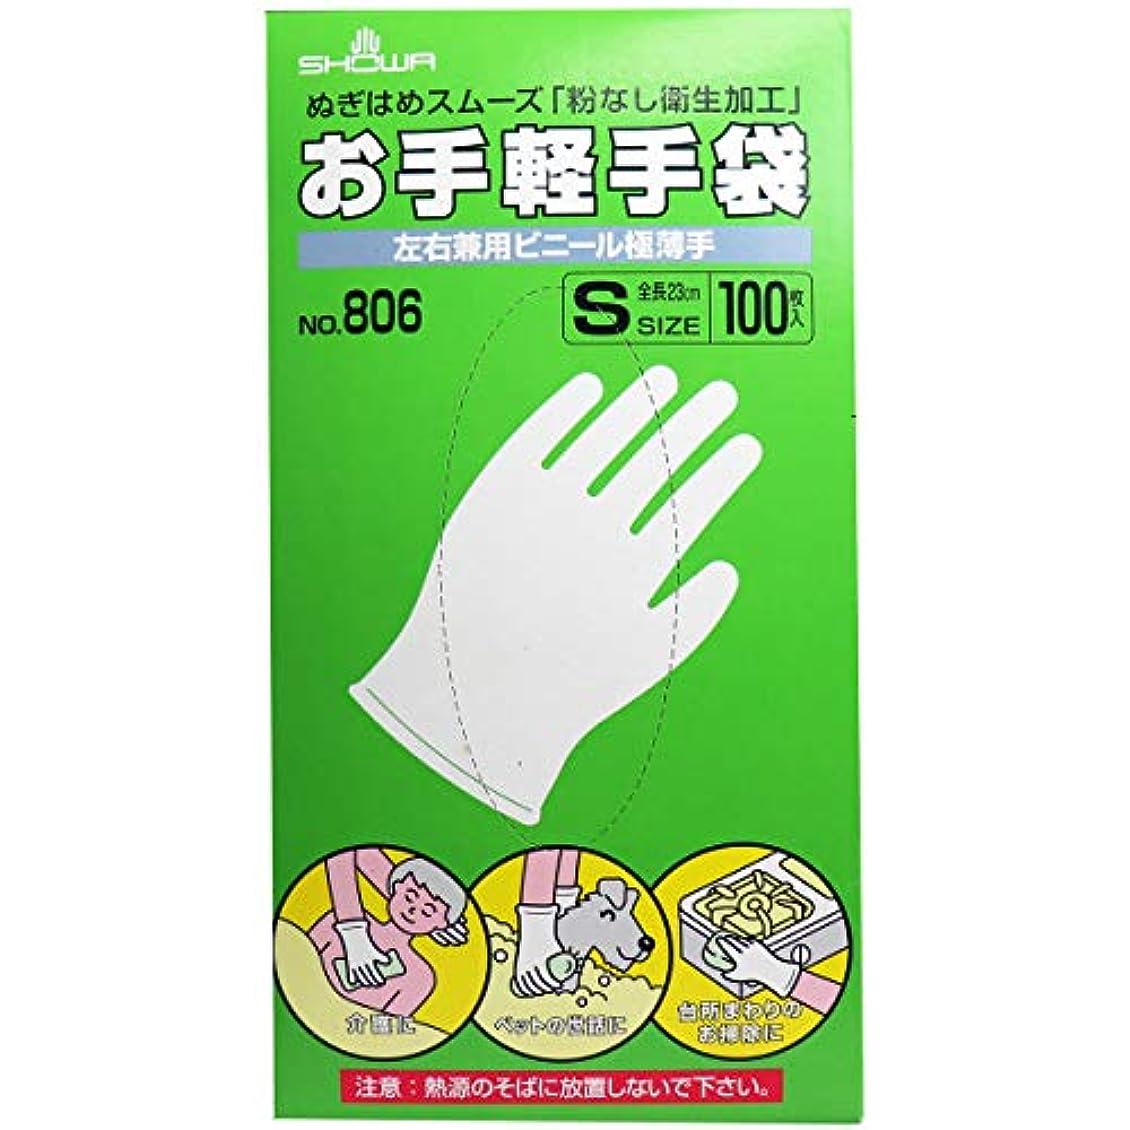 裁定備品発見お手軽手袋 No.806 左右兼用ビニール極薄手 粉なし Sサイズ 100枚入×5個セット(管理番号 4901792033589)